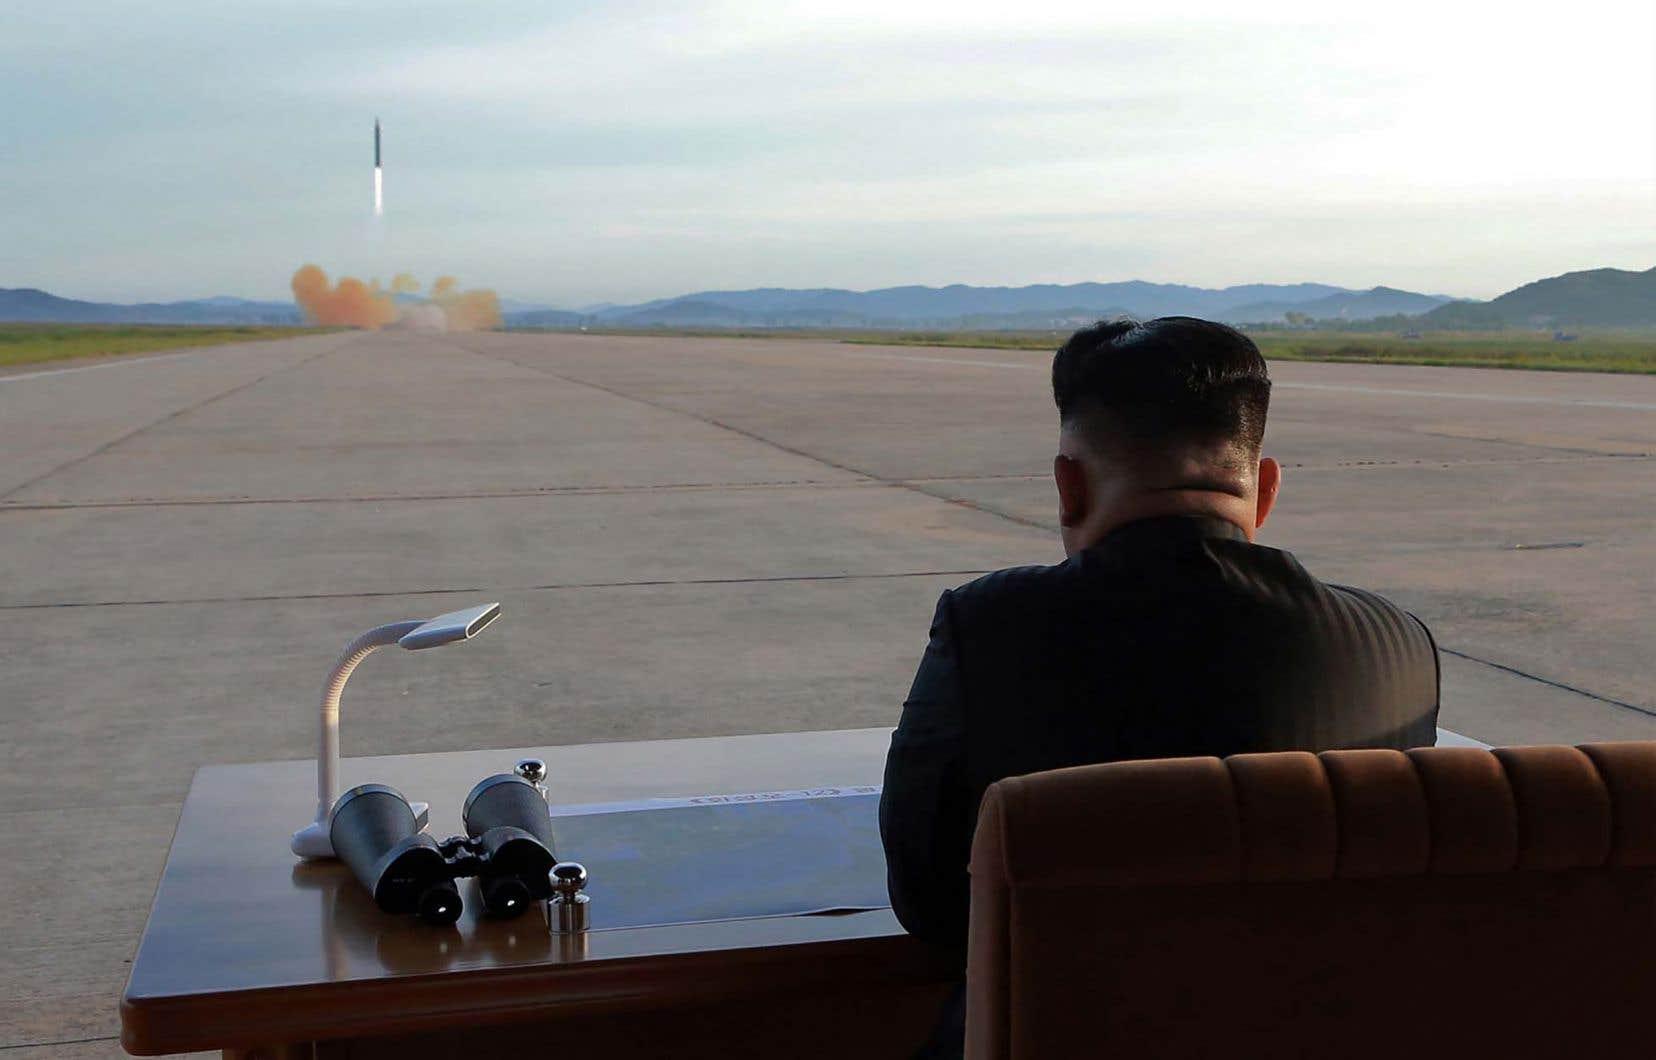 Ces bases secrètes sont réparties en trois ceintures, la plus éloignée de la Corée du Sud étant destinée aux sites de missiles balistiques intercontinentaux.